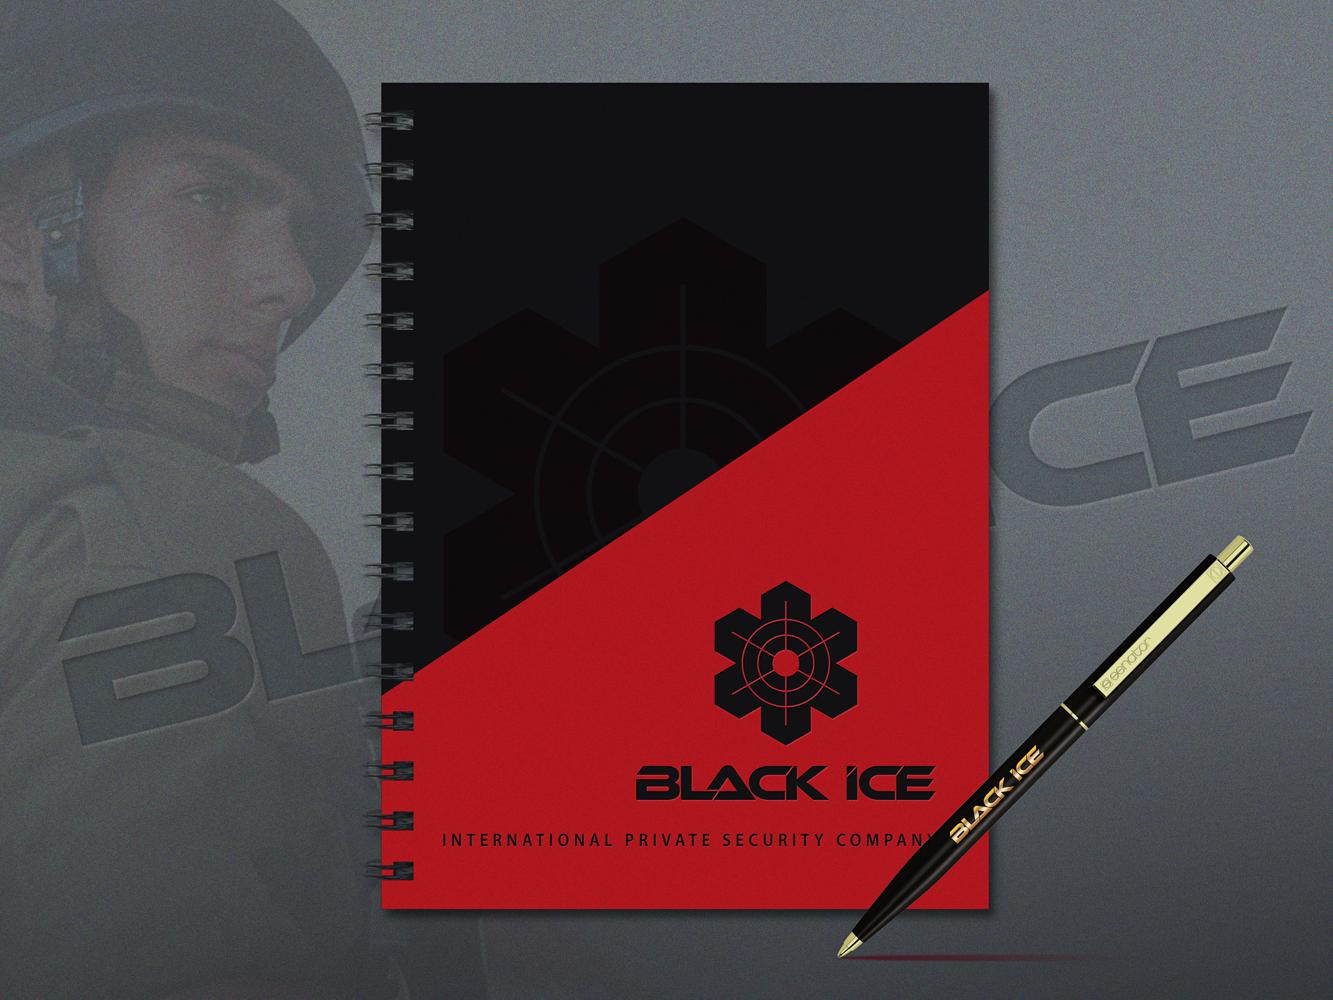 """Логотип + Фирменный стиль для компании """"BLACK ICE"""" фото f_765571a469b34e9b.jpg"""